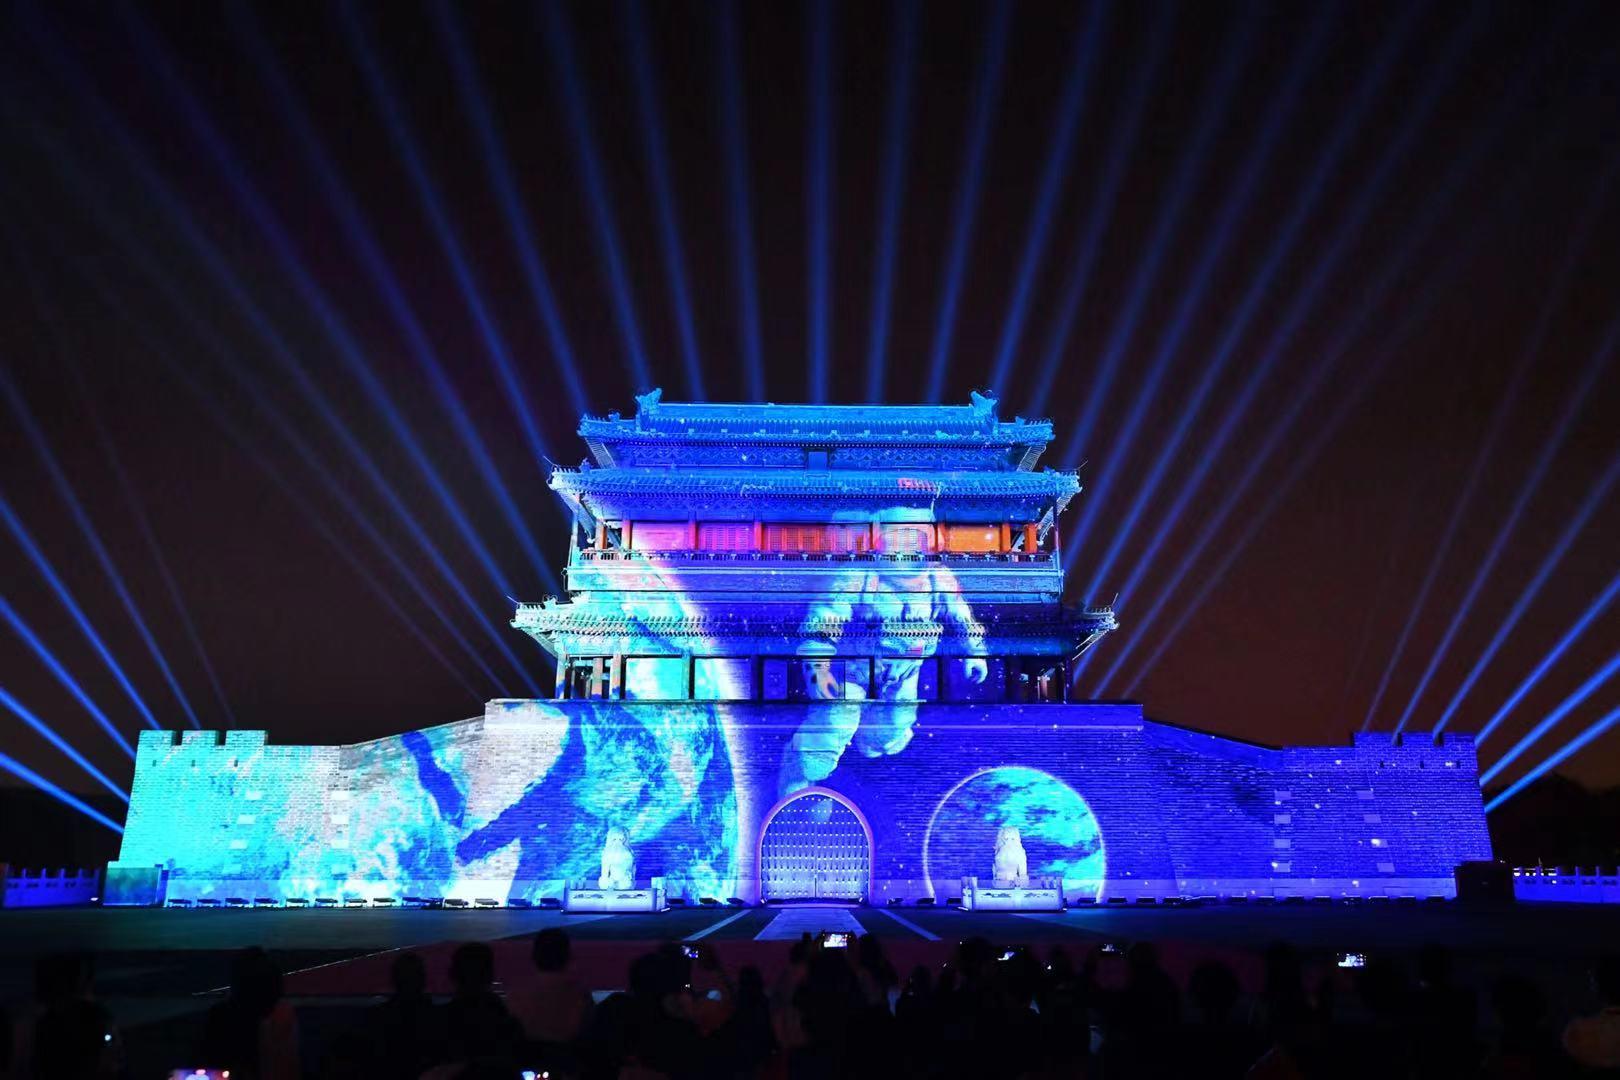 百年历程光影呈现,今晚的永定门城楼亮了!4